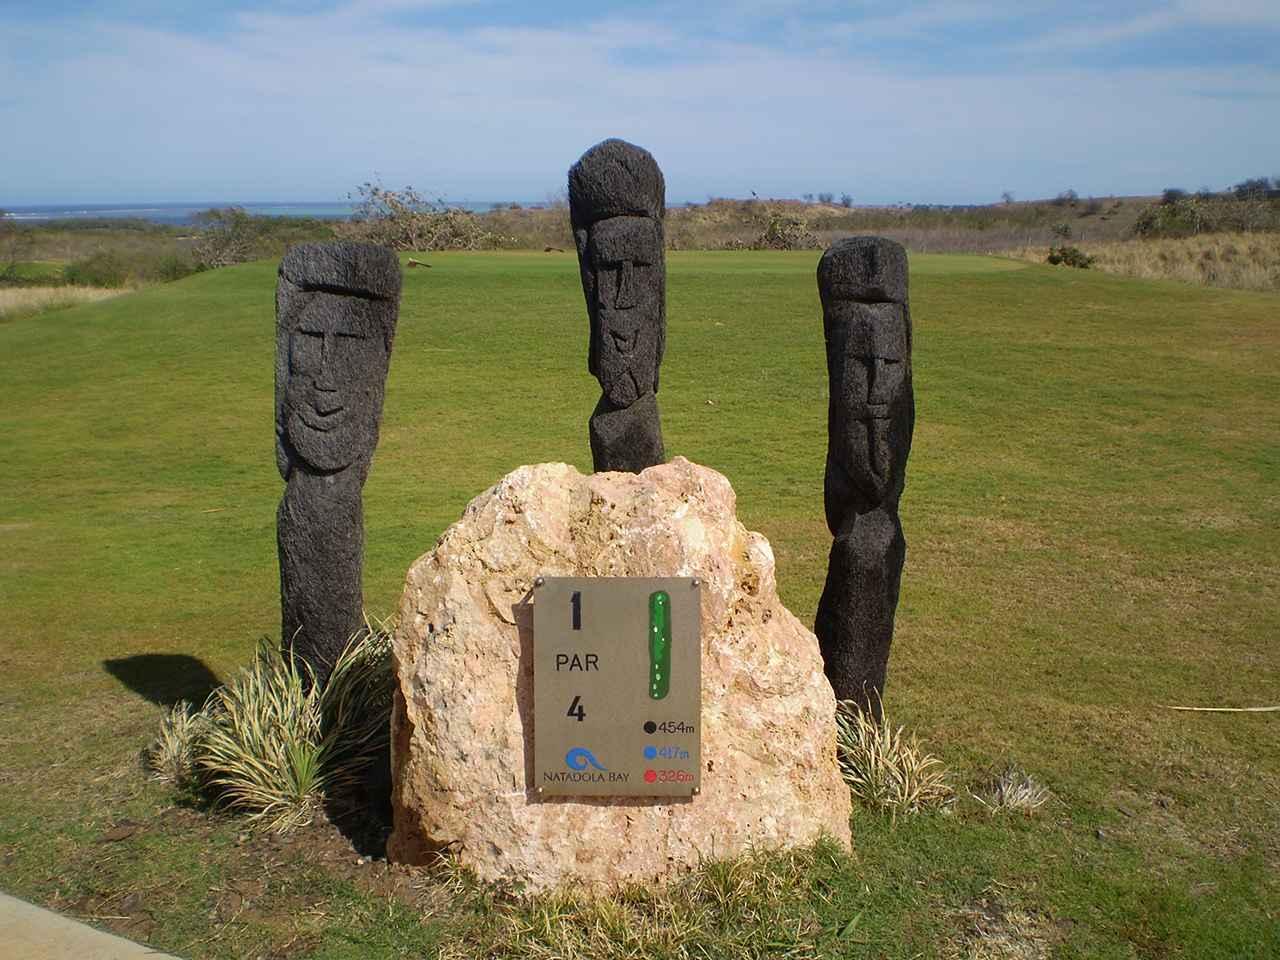 画像: ナタンドラベイチャンピオンシップゴルフコース